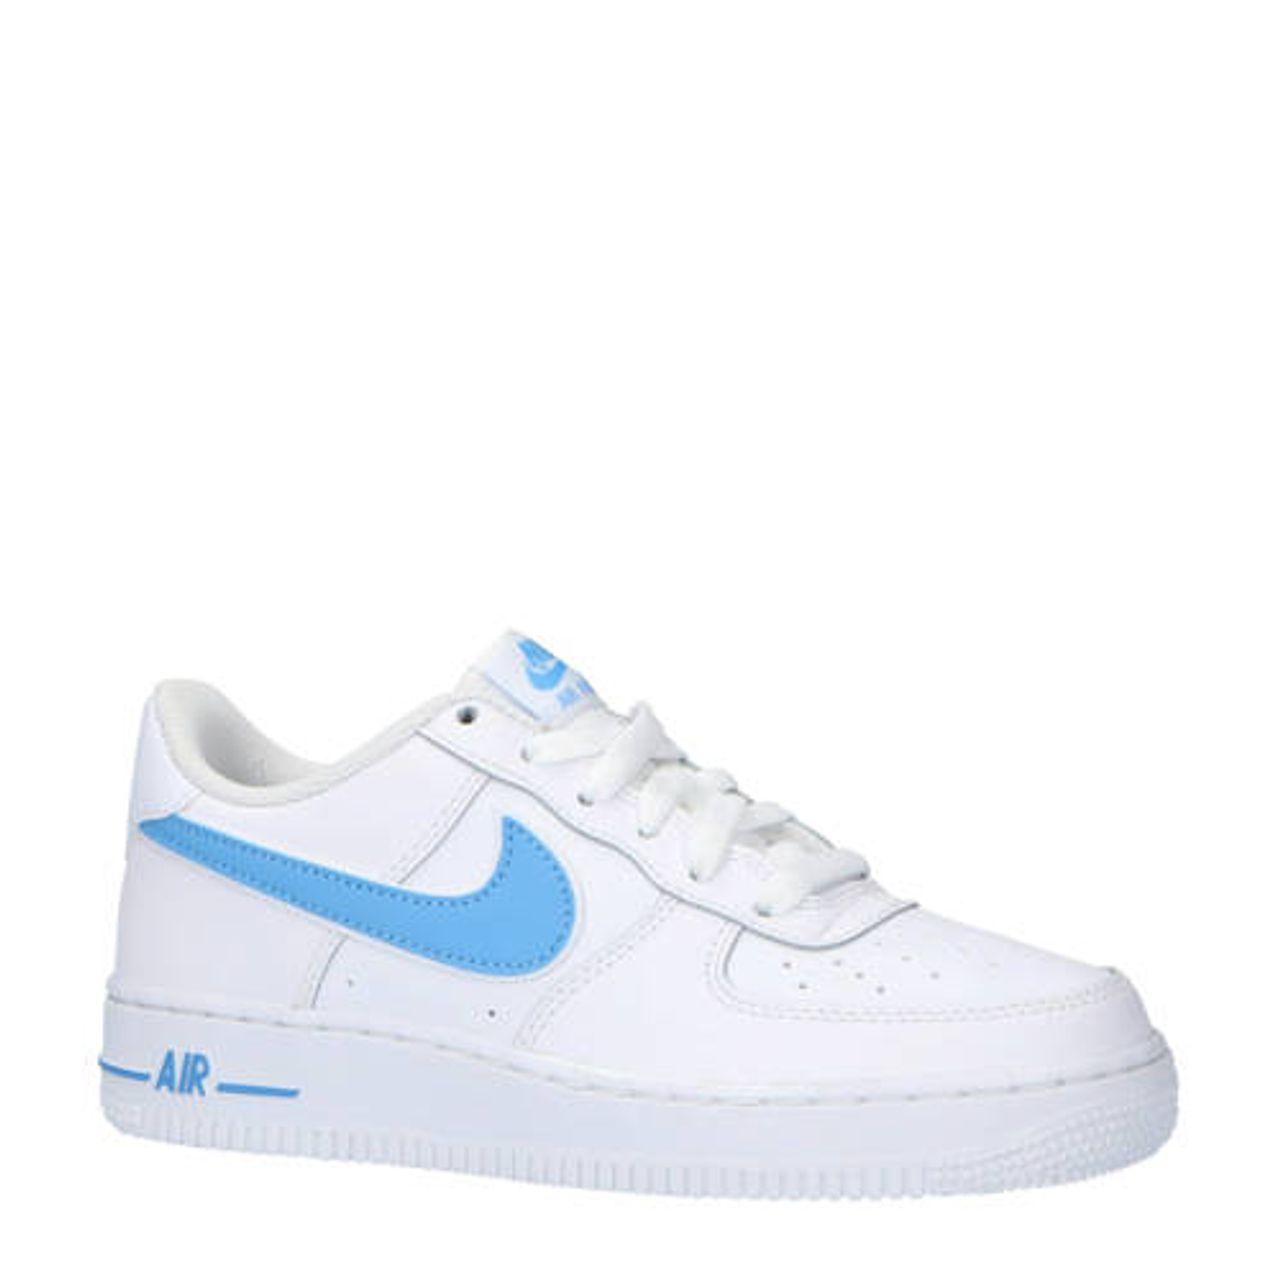 5fab6c1524a Nike Air Force 1-3 (GS) sneakers leer wit/lichtblauw - Vergelijk prijzen